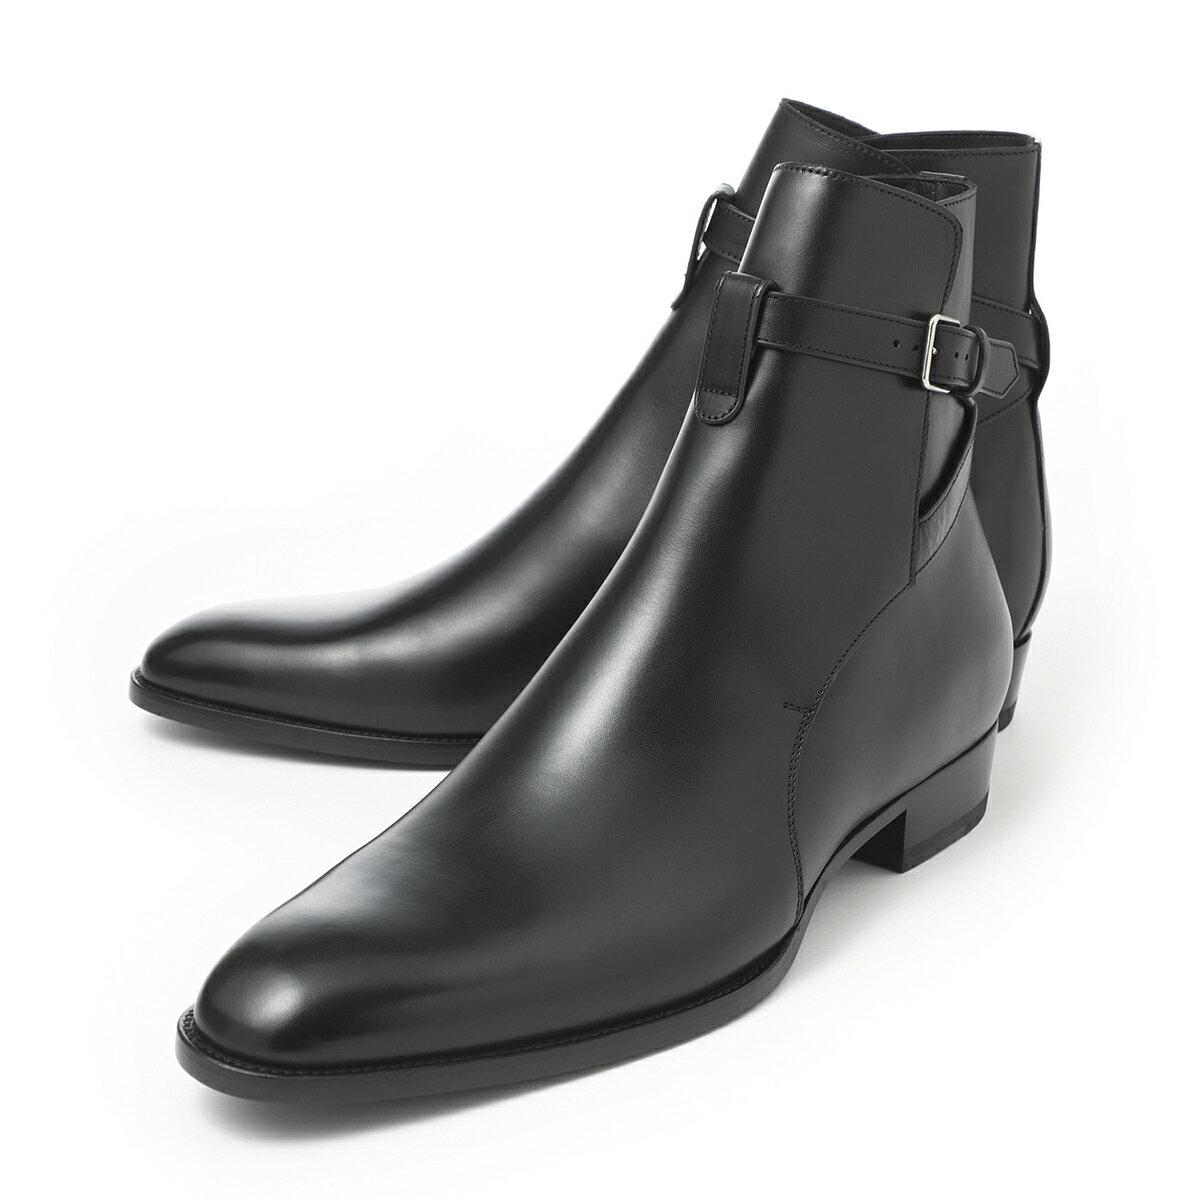 ブーツ, その他  SAINT LAURENT 663414 1yl00 1000 WYATT 30 JODHPUR BOOTS2021AW